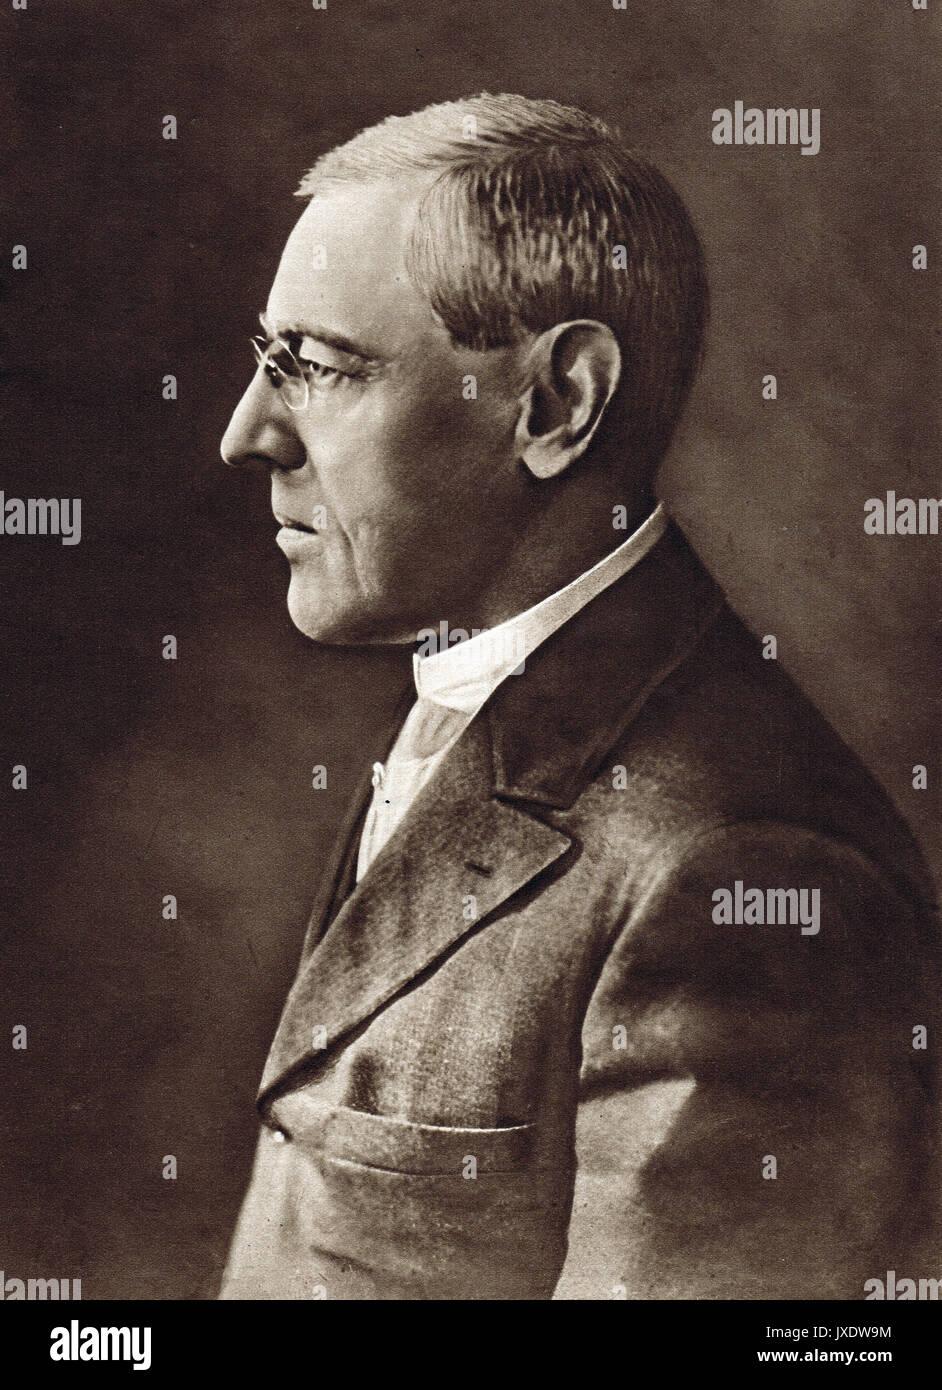 US President Woodrow Wilson  led the United States during World War I - Stock Image